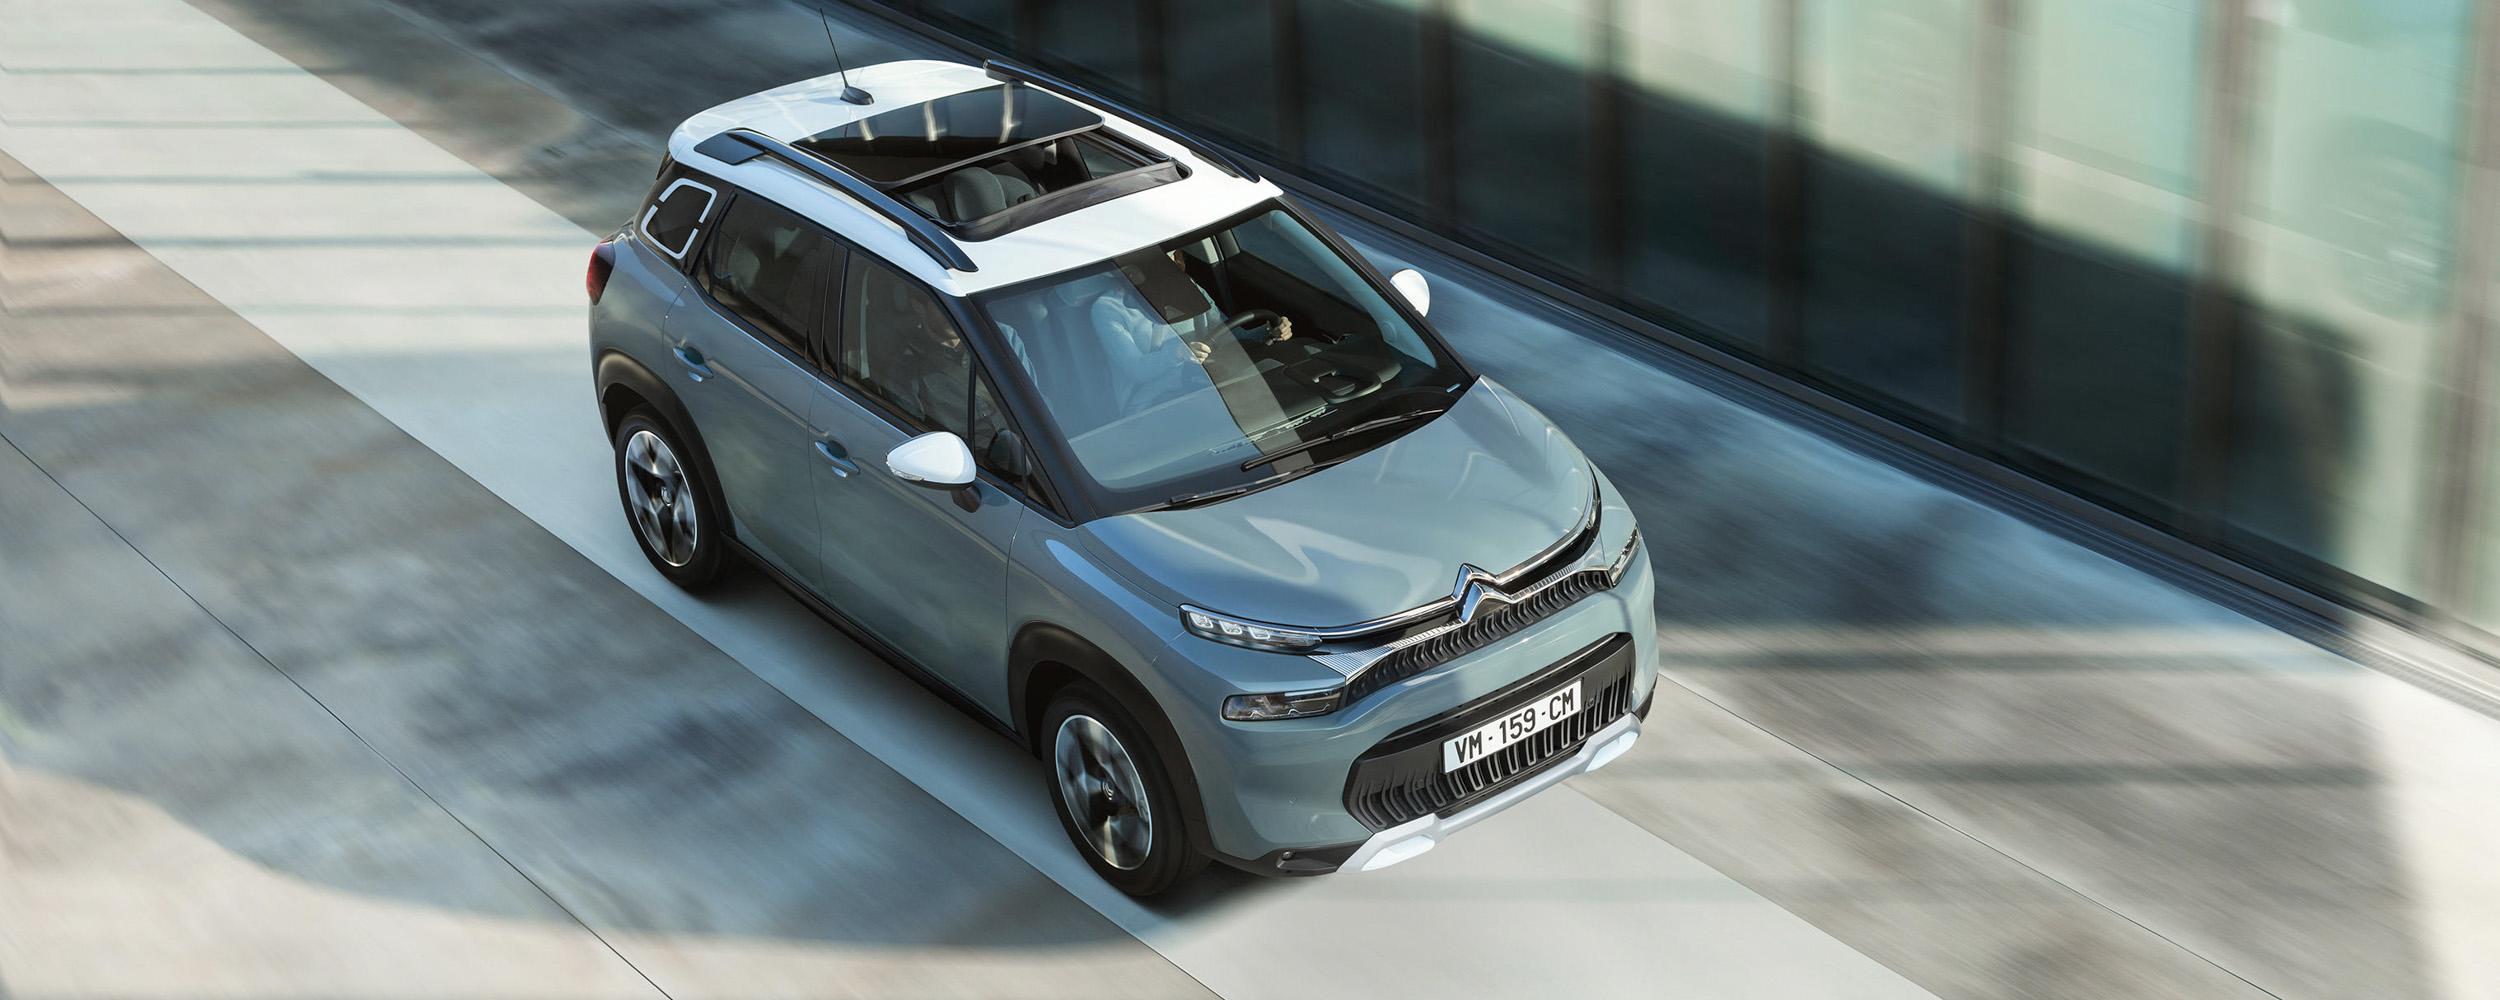 Votre agent Citroën Quissac, Gard, région Occitanie - Vente véhicules neufs et occasion, ateliers mécanique et carrosserie